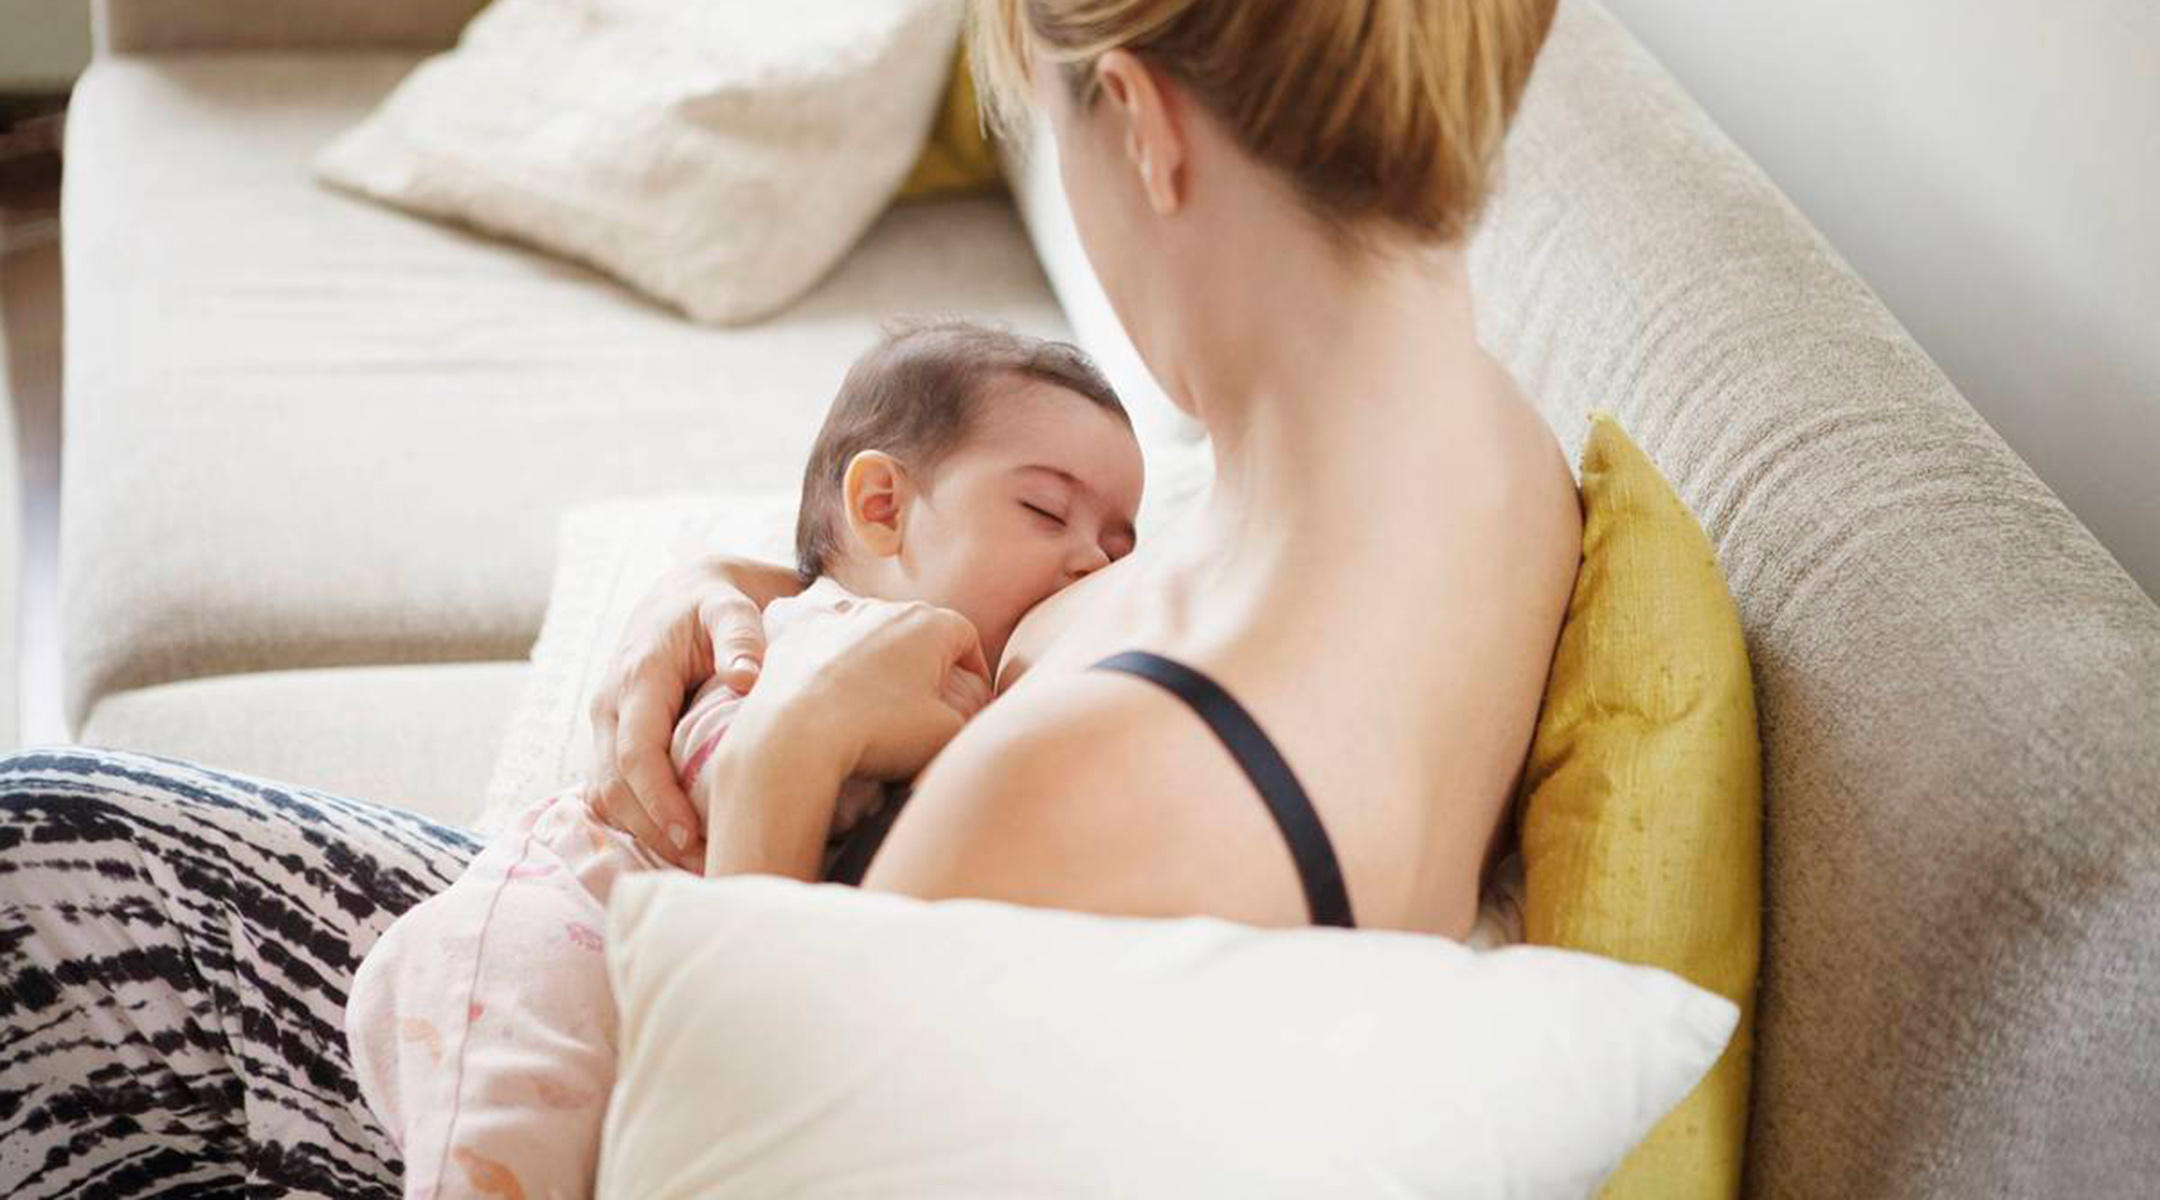 Göğüs Ucu Olmayan Anneler Bebeklerini Nasıl Emzirebilir